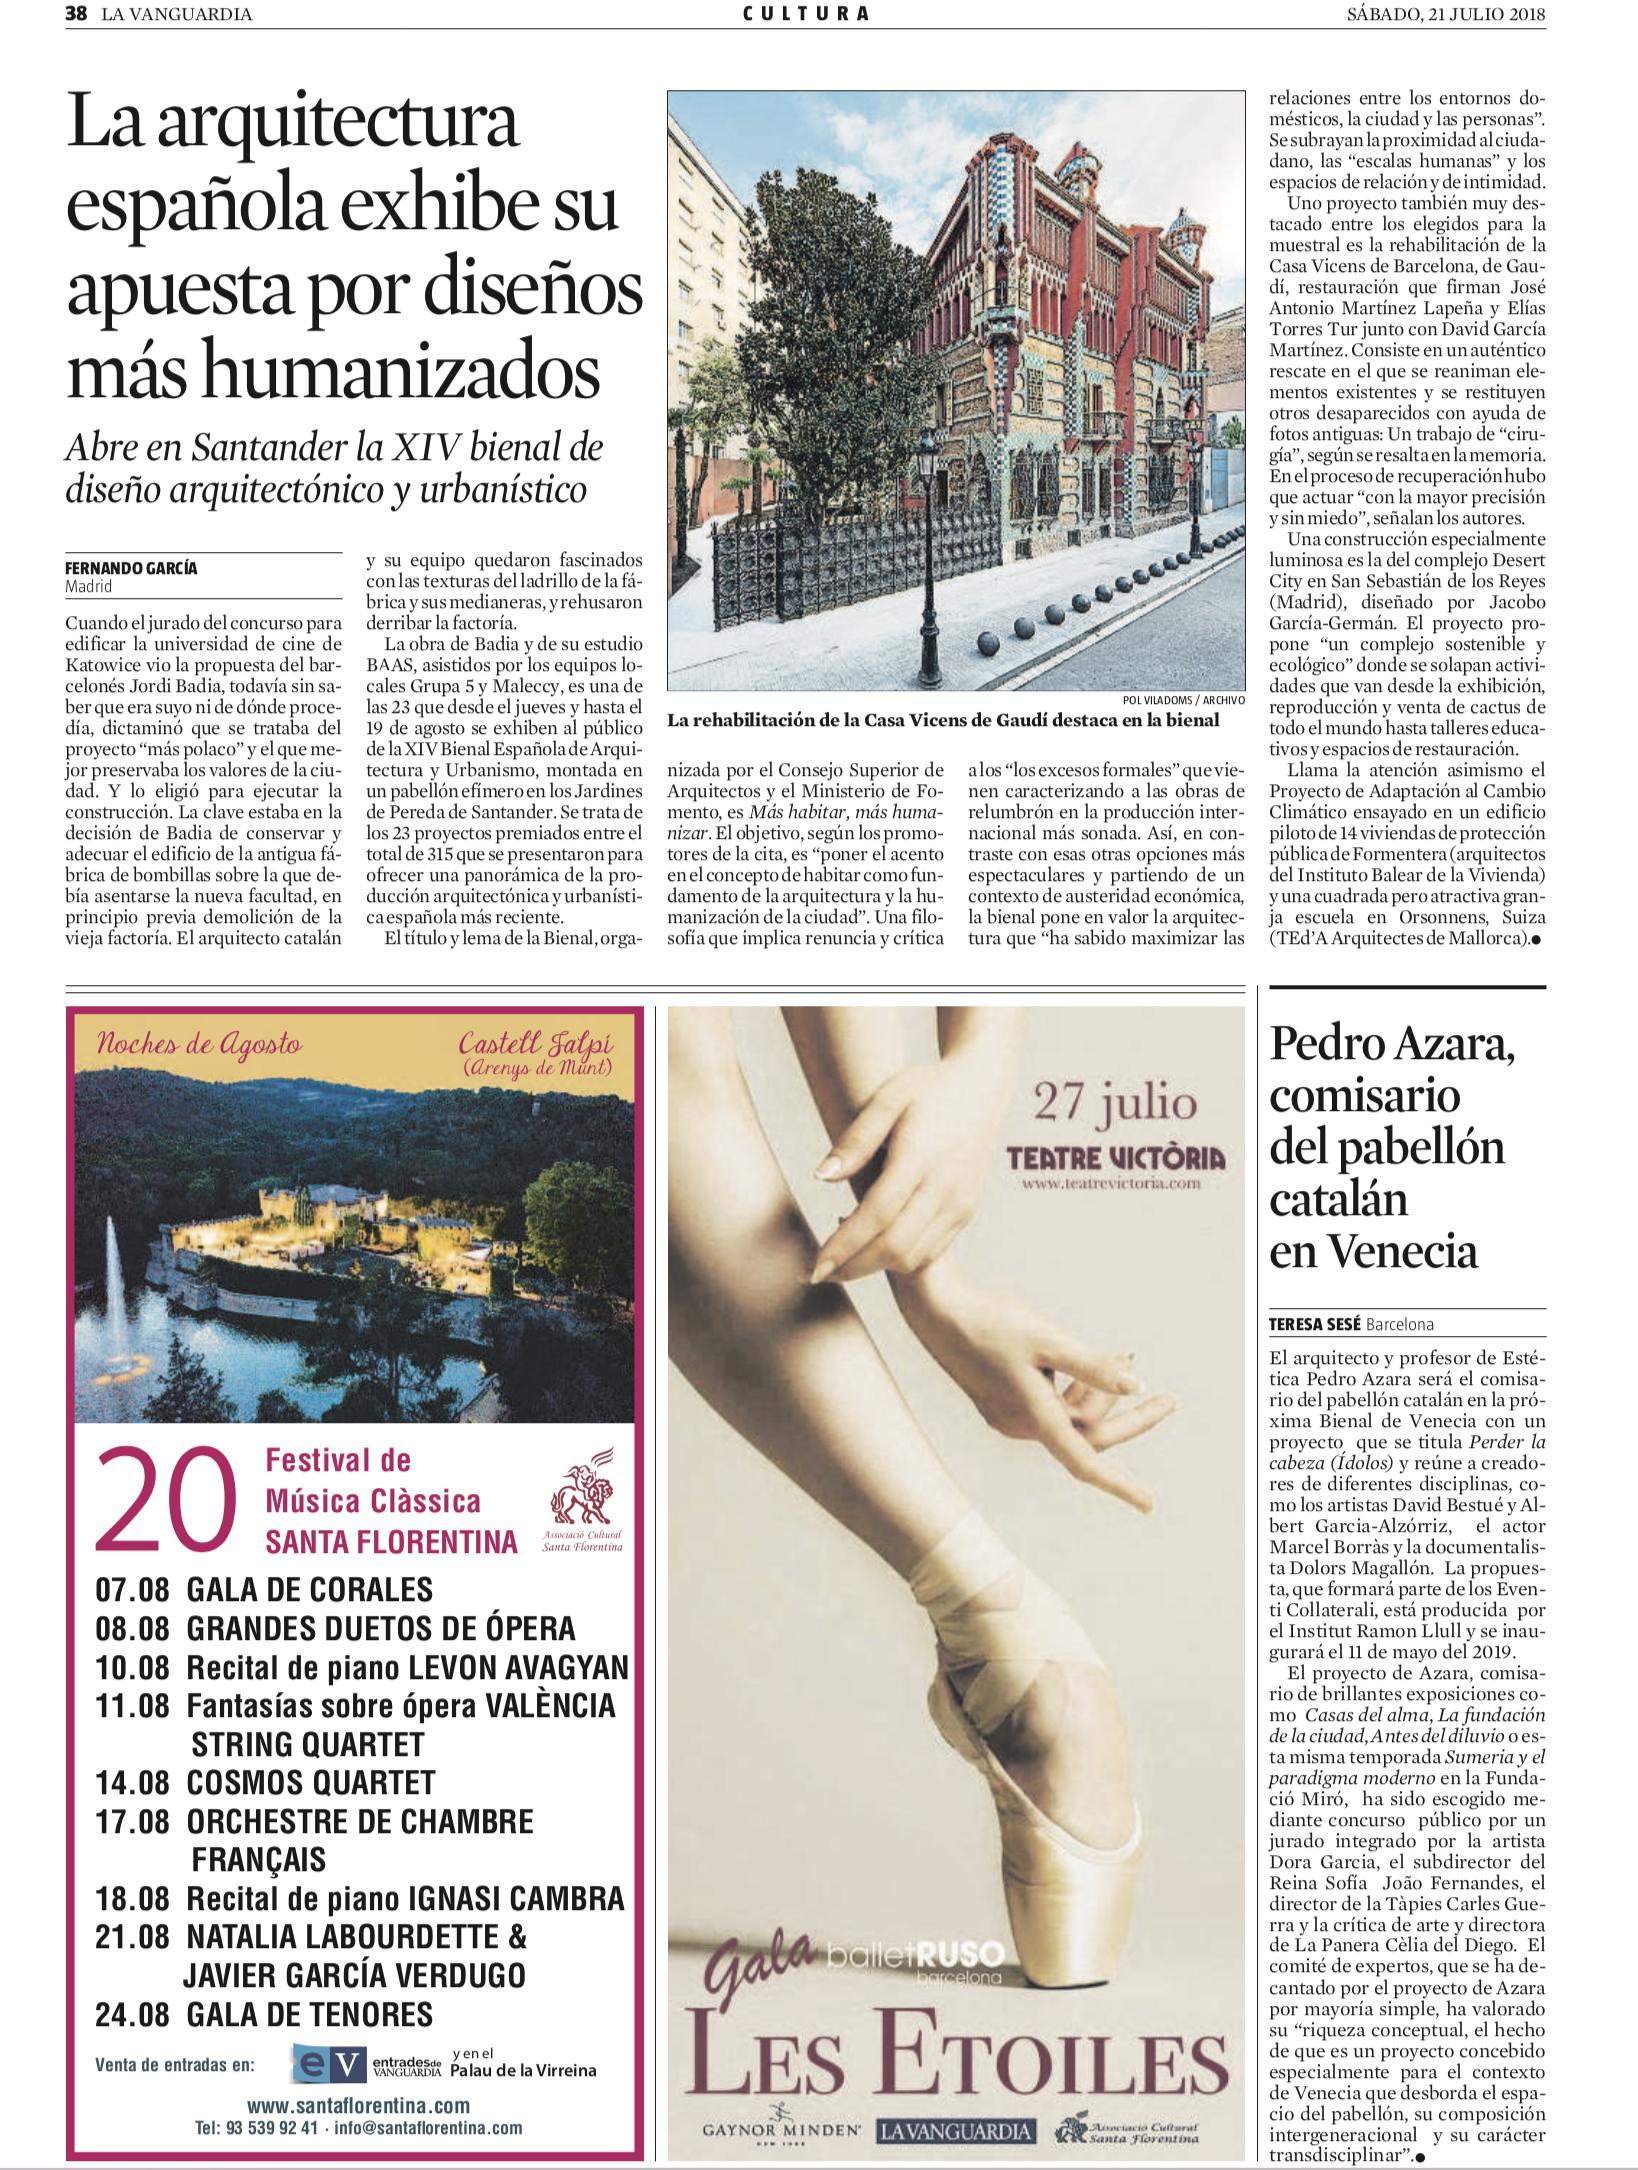 La arquitectura española exhibe su apuesta por diseños más humanizados - LA VANGUARDIA